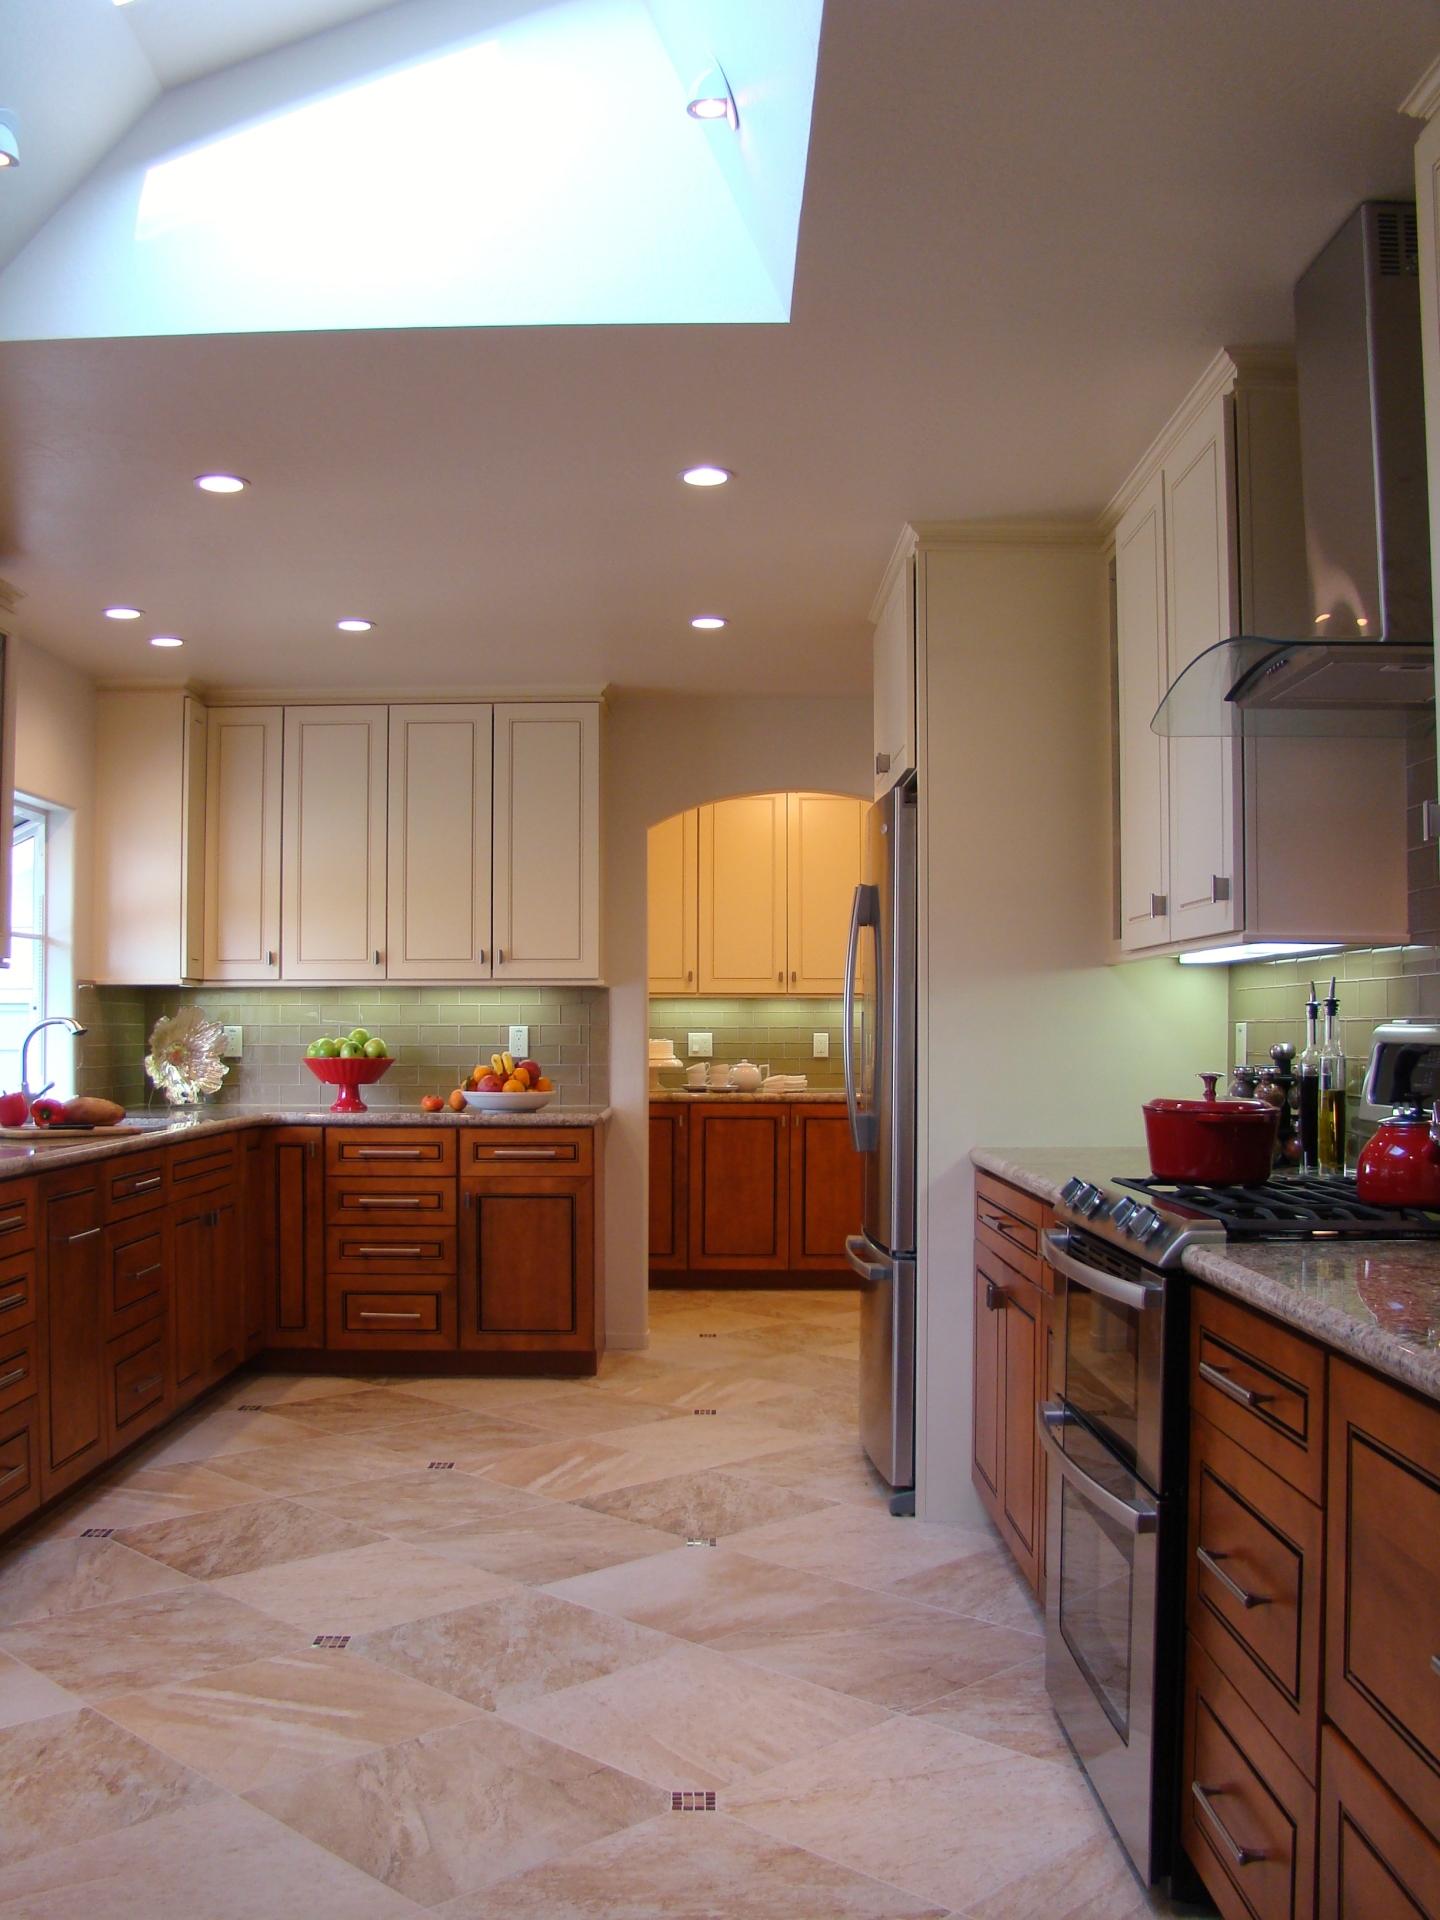 Fiorito Interior Design, interior design, remodel, kitchen, light and dark cabinetry, granite counter, skylight